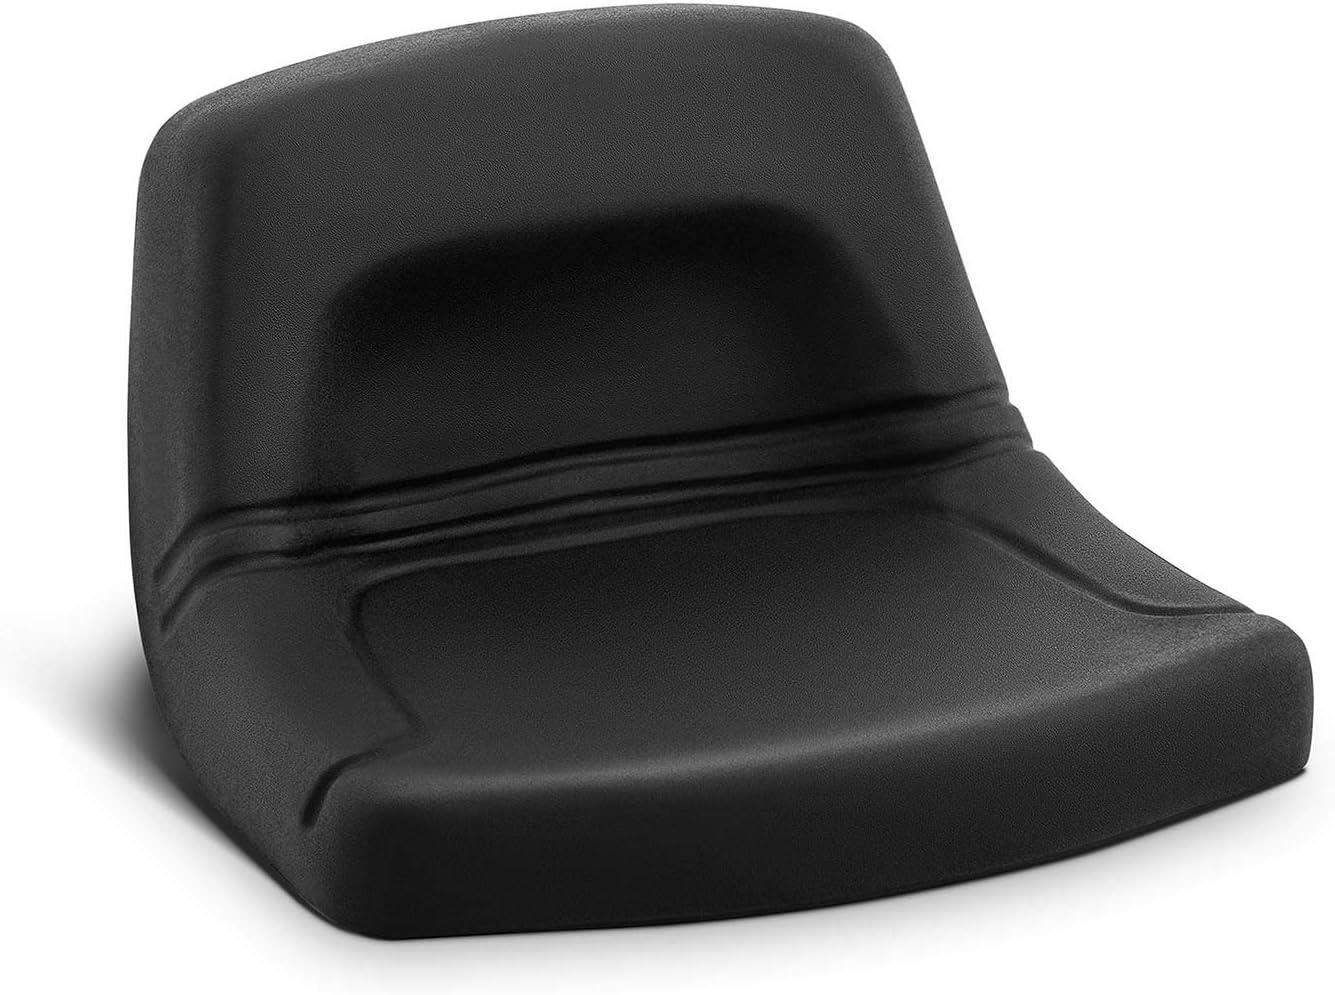 hillvert Asiento para Tractor Sill/ón HT-RUNDLE-7 Estructura de Acero//Polipropileno, Tapicer/ía de Goma, Impermeable, hasta 300 kg, 45 x 41,5 cm